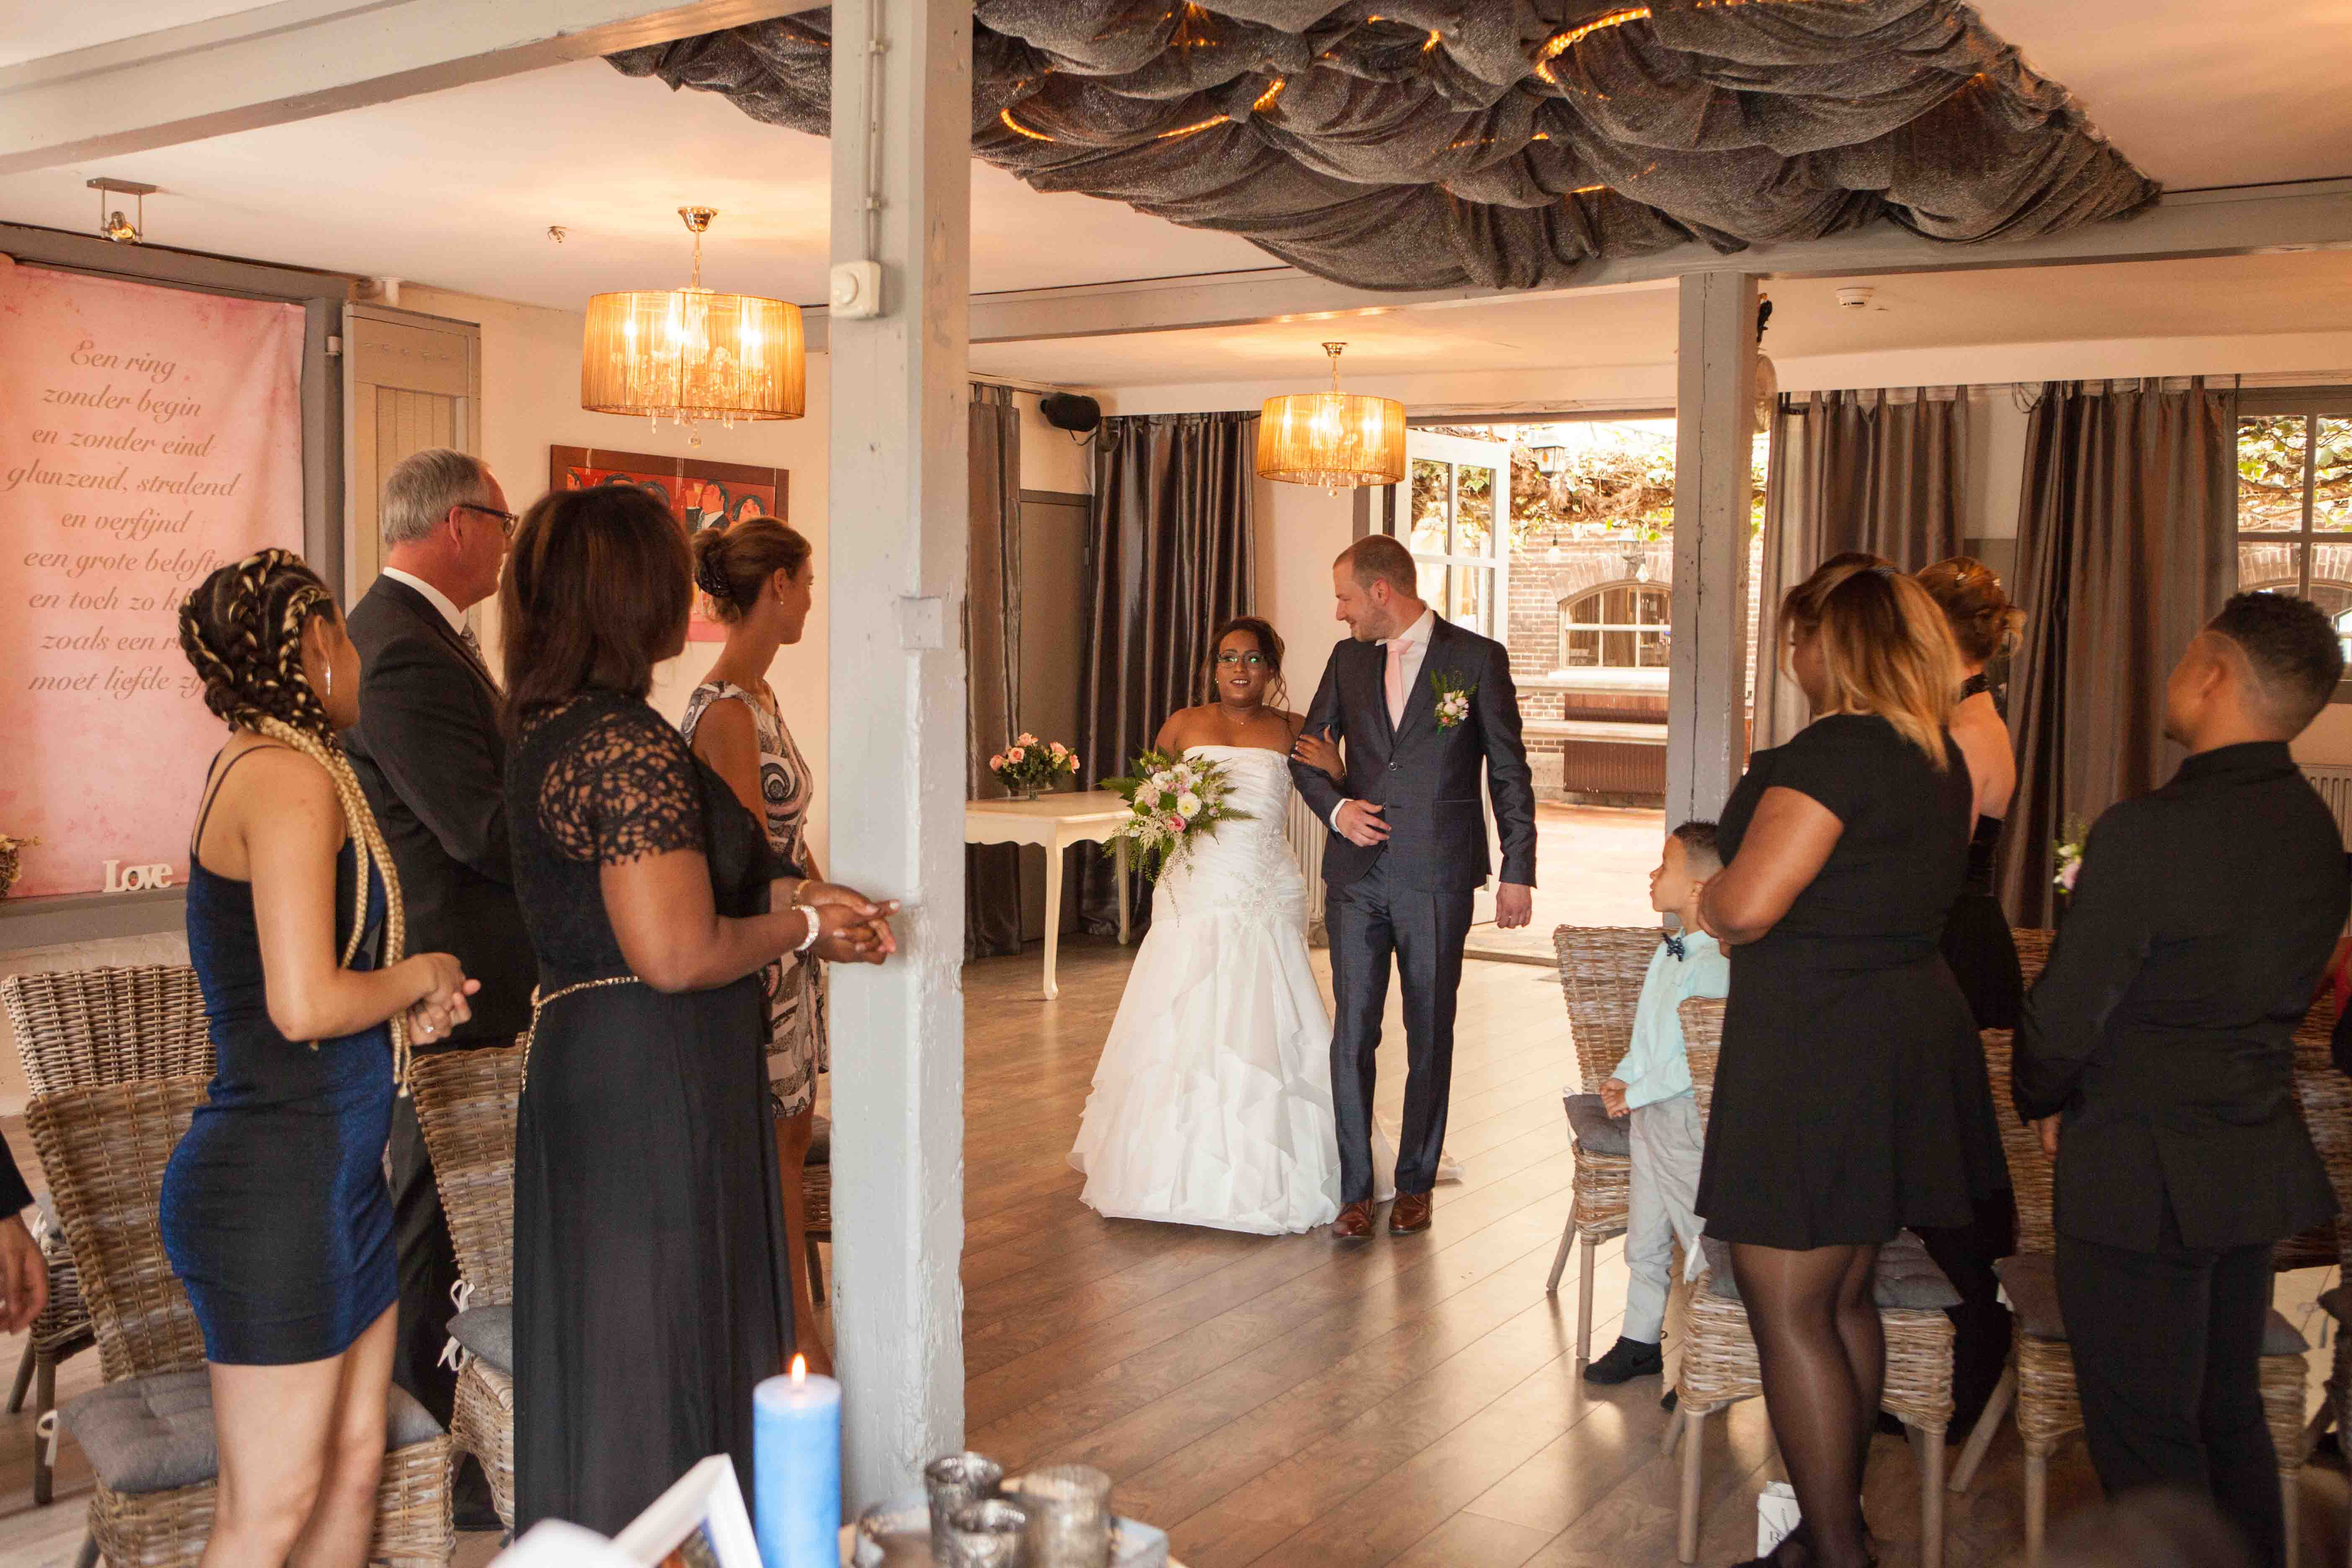 Bruiloft Herberg Vlietzigt